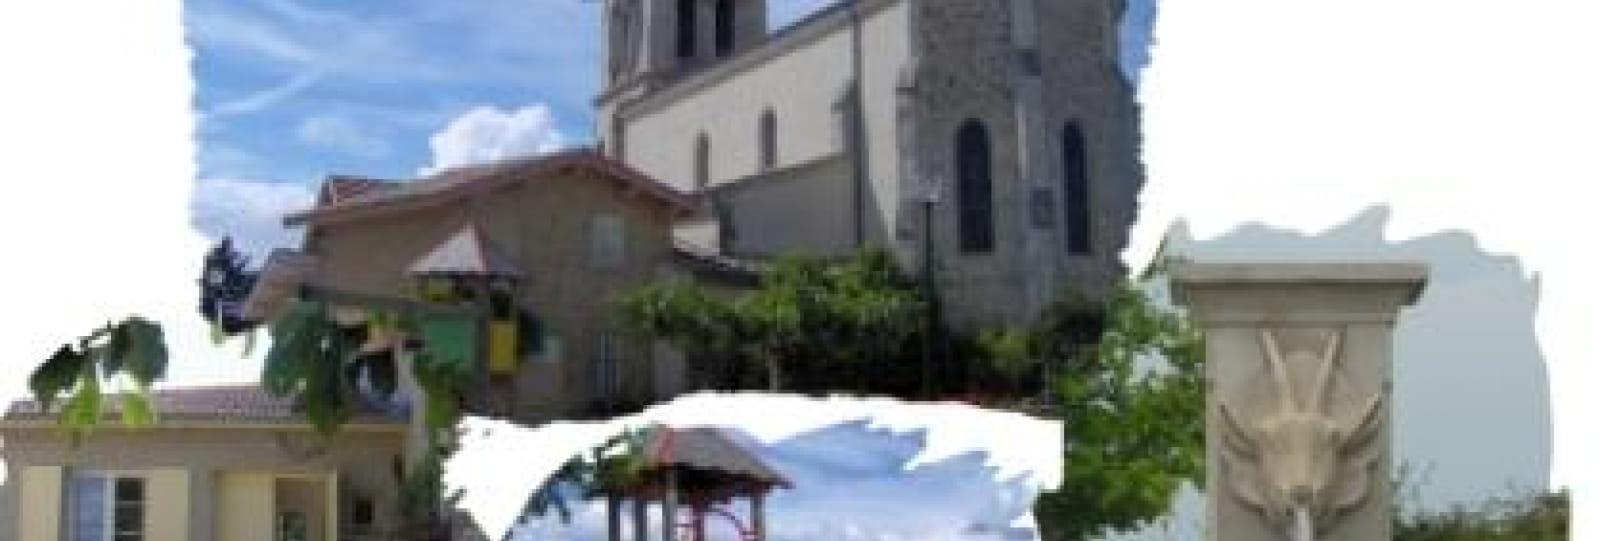 Village de Saint-Bardoux